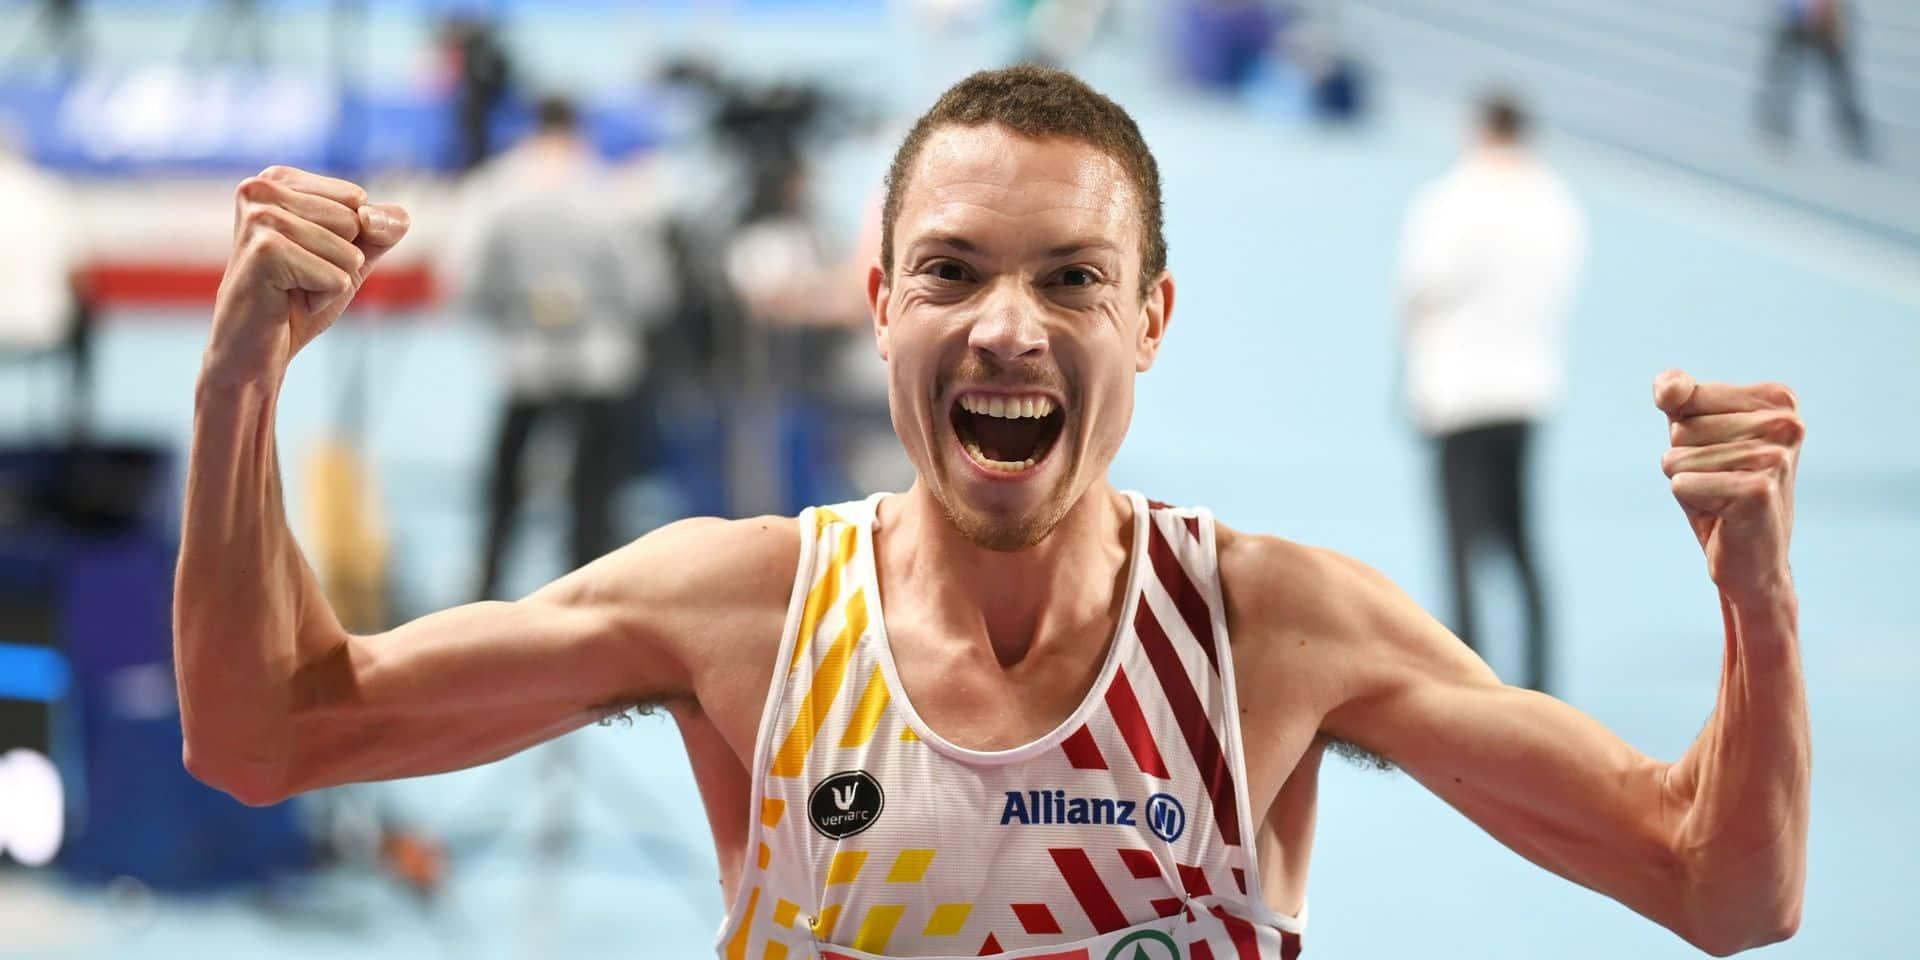 Euro d'athlétisme en salle: Robin Hendrix en finale du 3000 m, Anne Zagré et Eline Berings qualifiées pour les demi-finales du 60 m haies